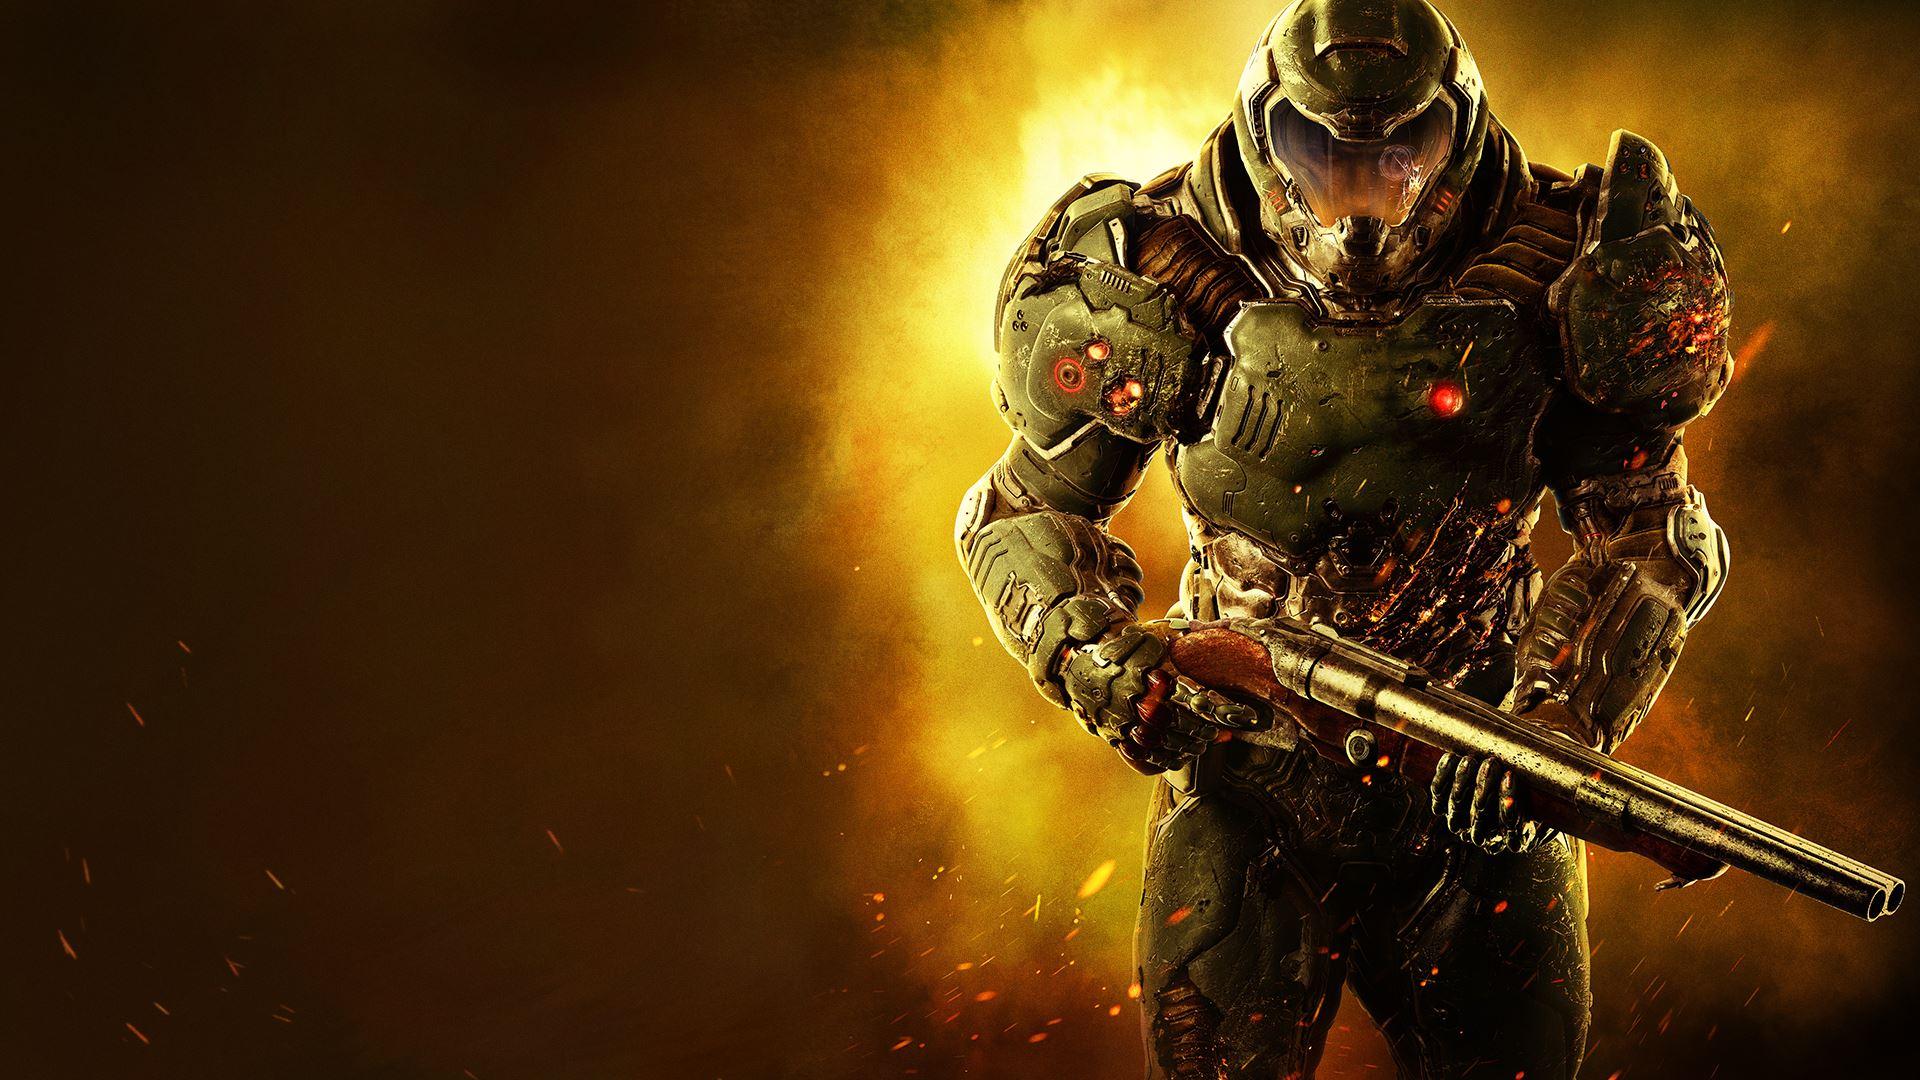 Вопль-прохождение Doom ... Позитивный и развеселый - Изображение 1